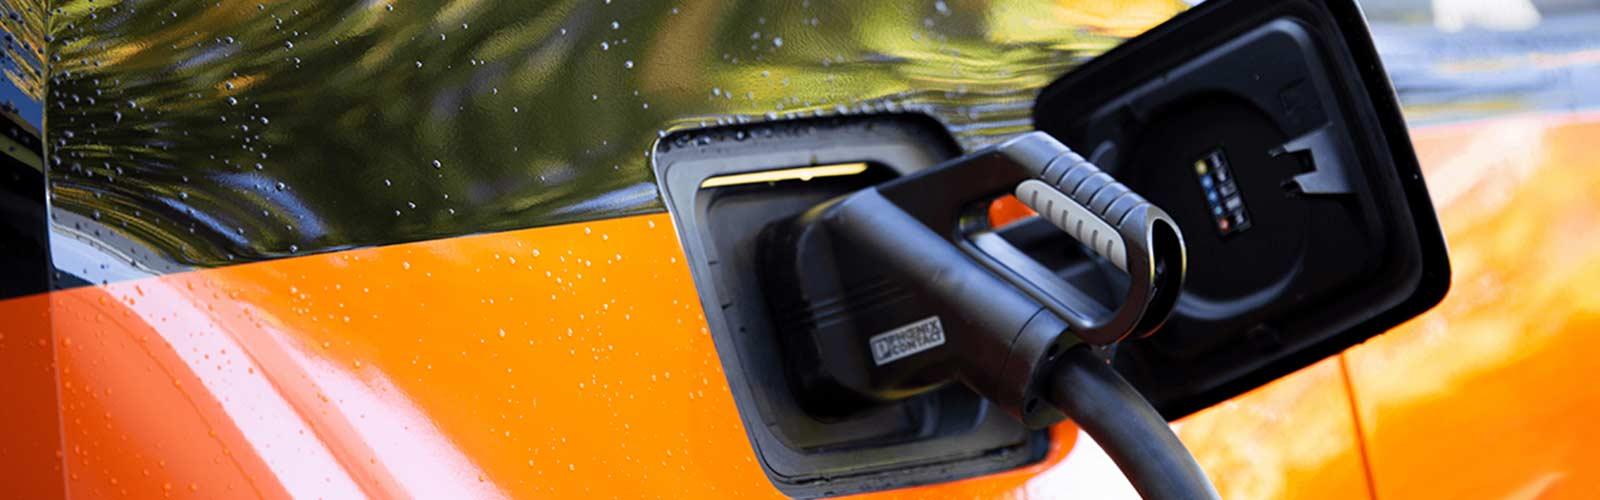 Hier wird ein E-Auto von dem Prototypen FE-Alpha aufgeladen. Foto: TH Lübeck